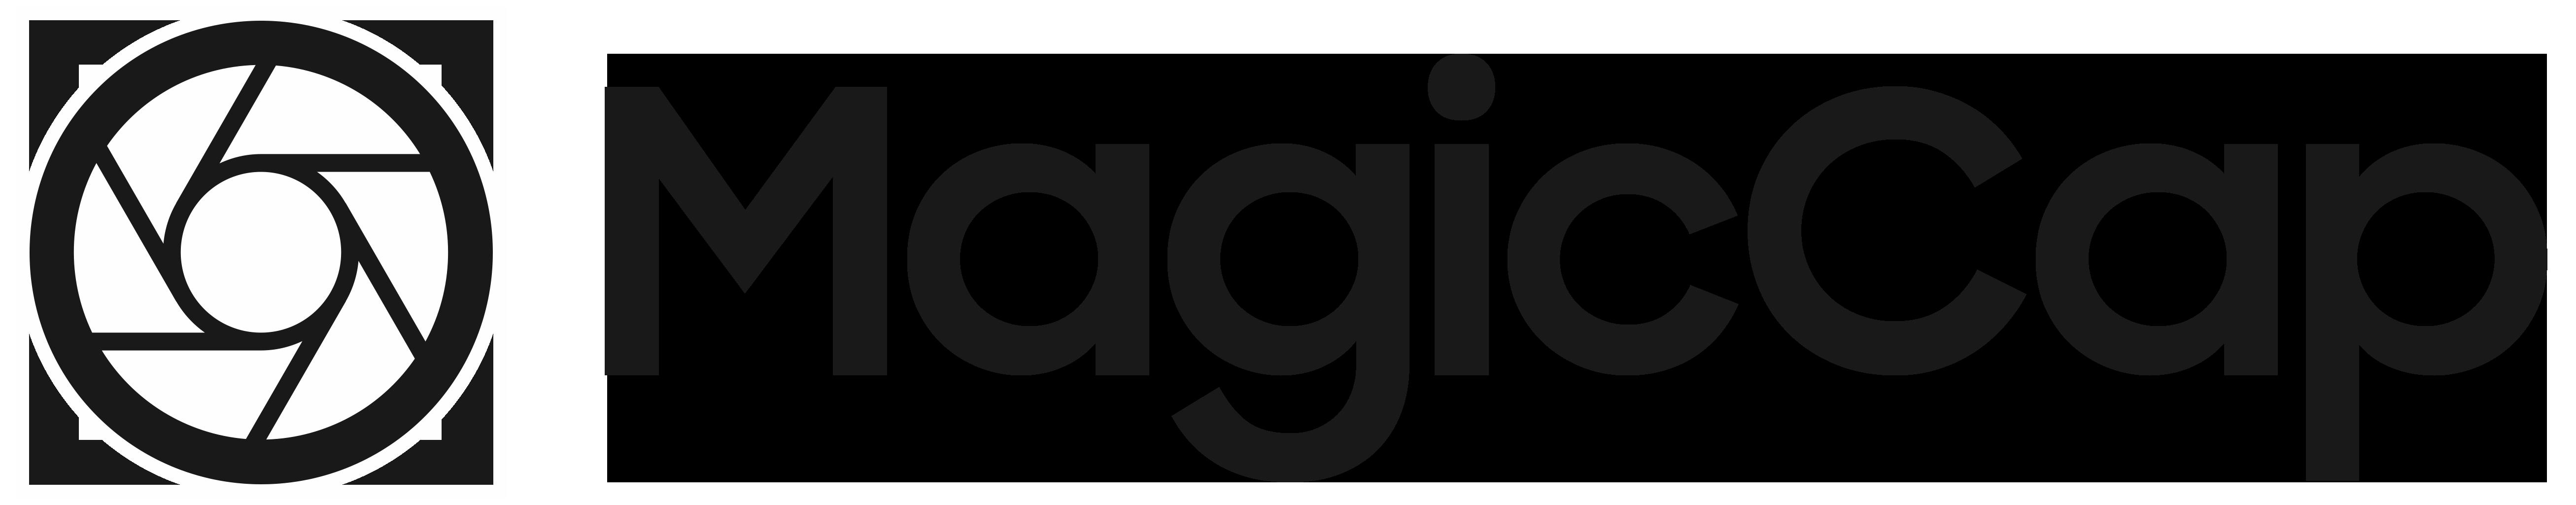 MagicCap